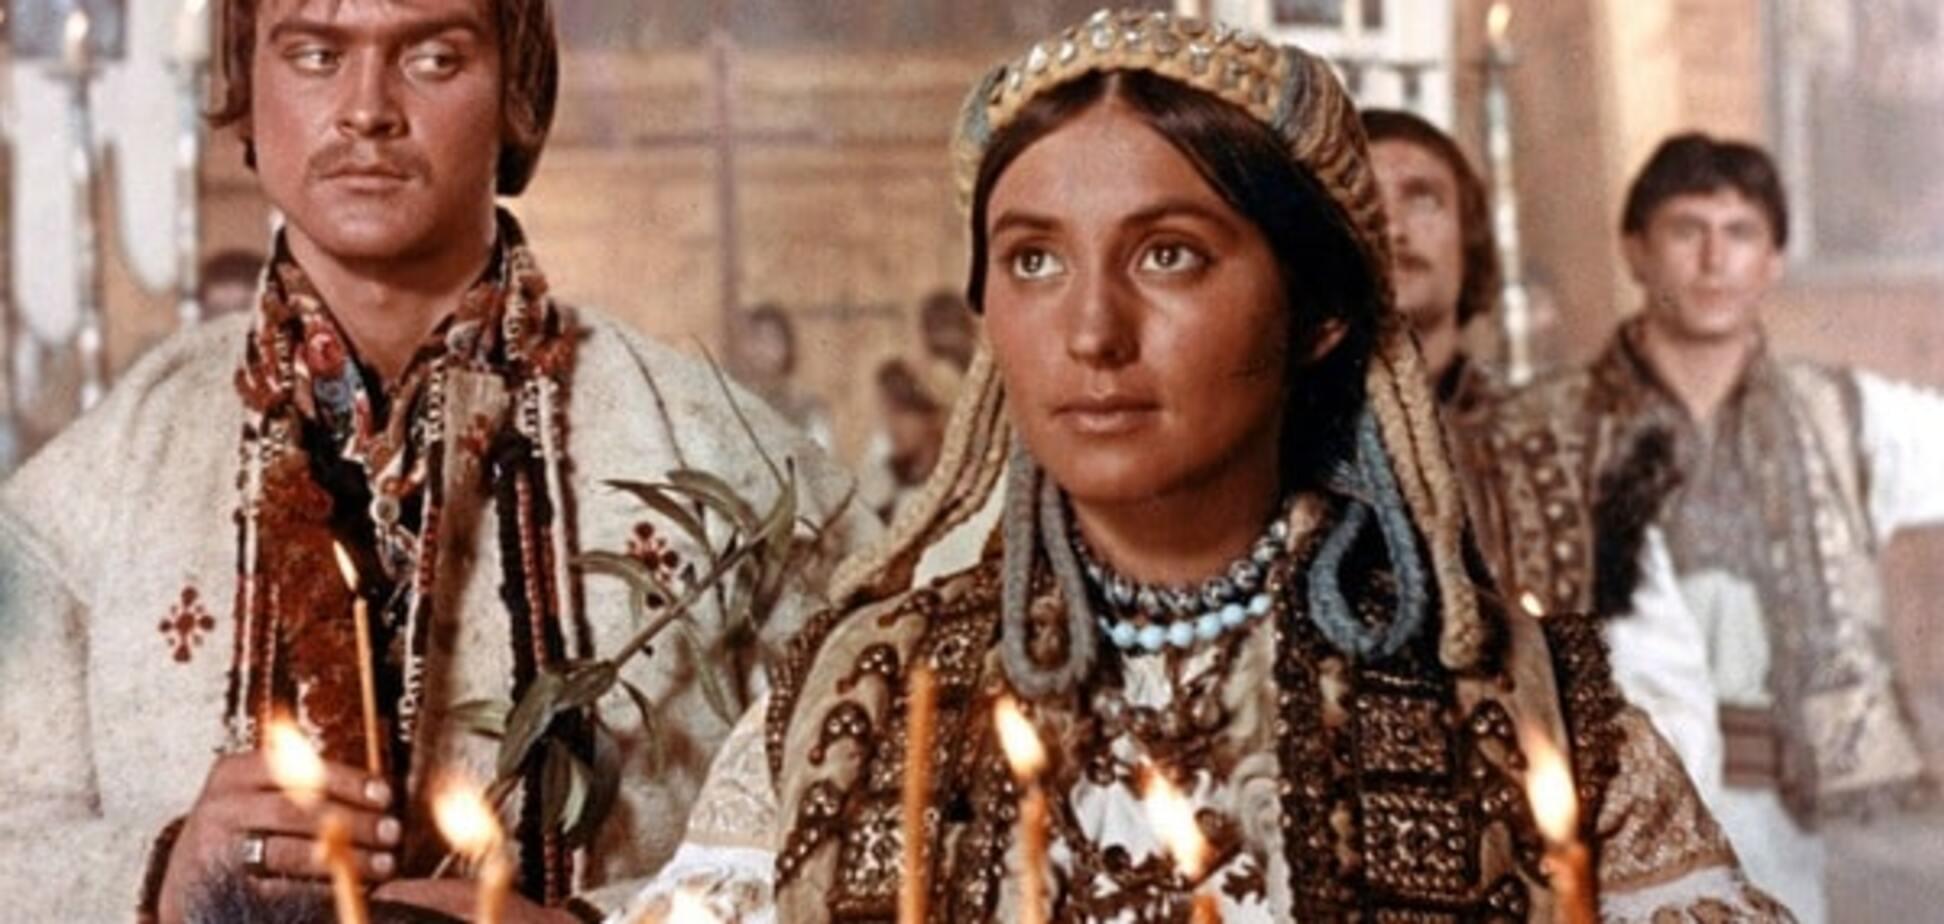 Студентам Гарварда включили фильмы Параджанова в список обязательных